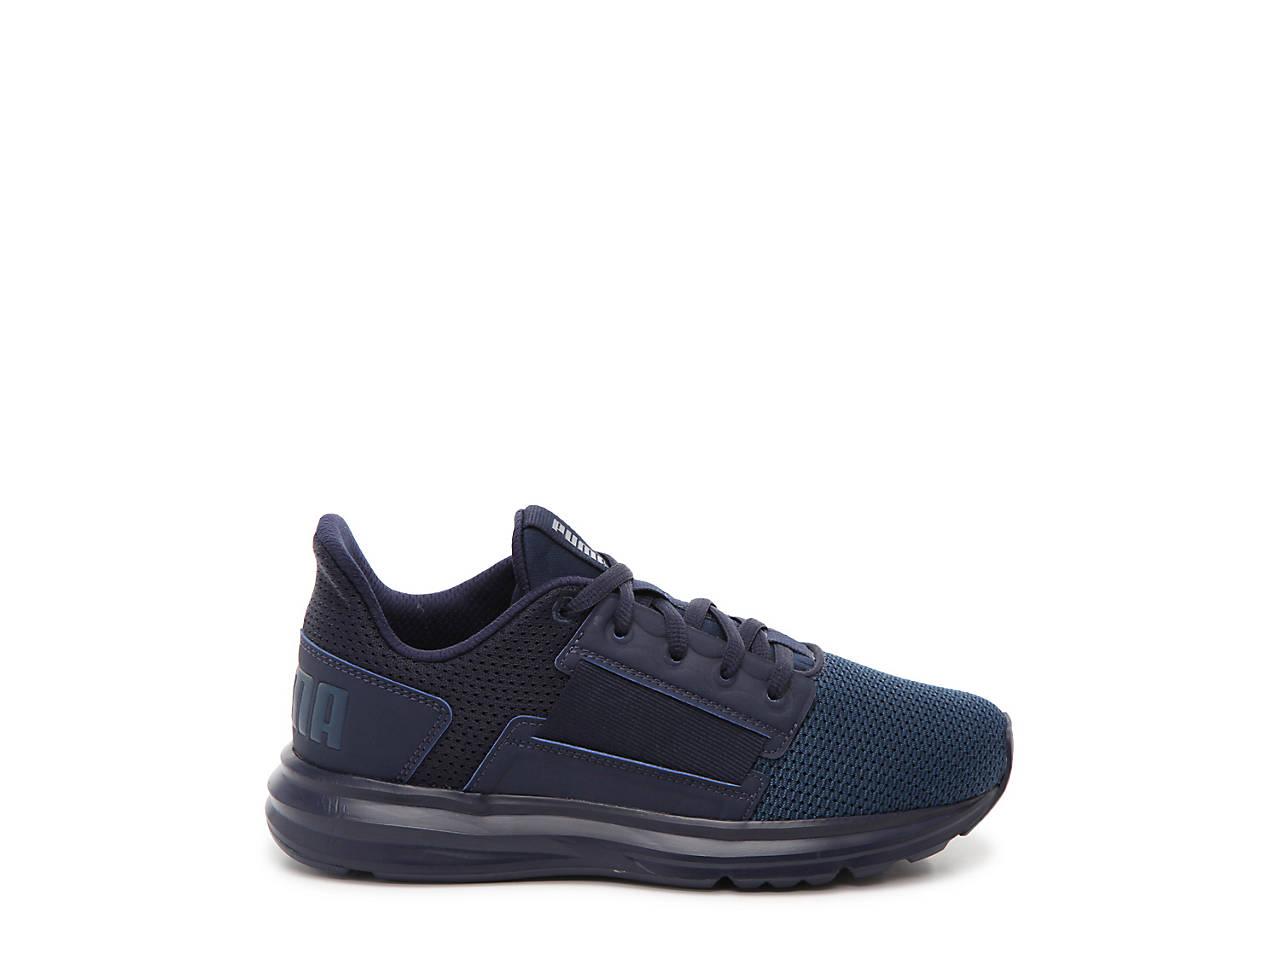 549b5c21c9 Puma Enzo Street Jr Youth Sneaker Kids Shoes | DSW